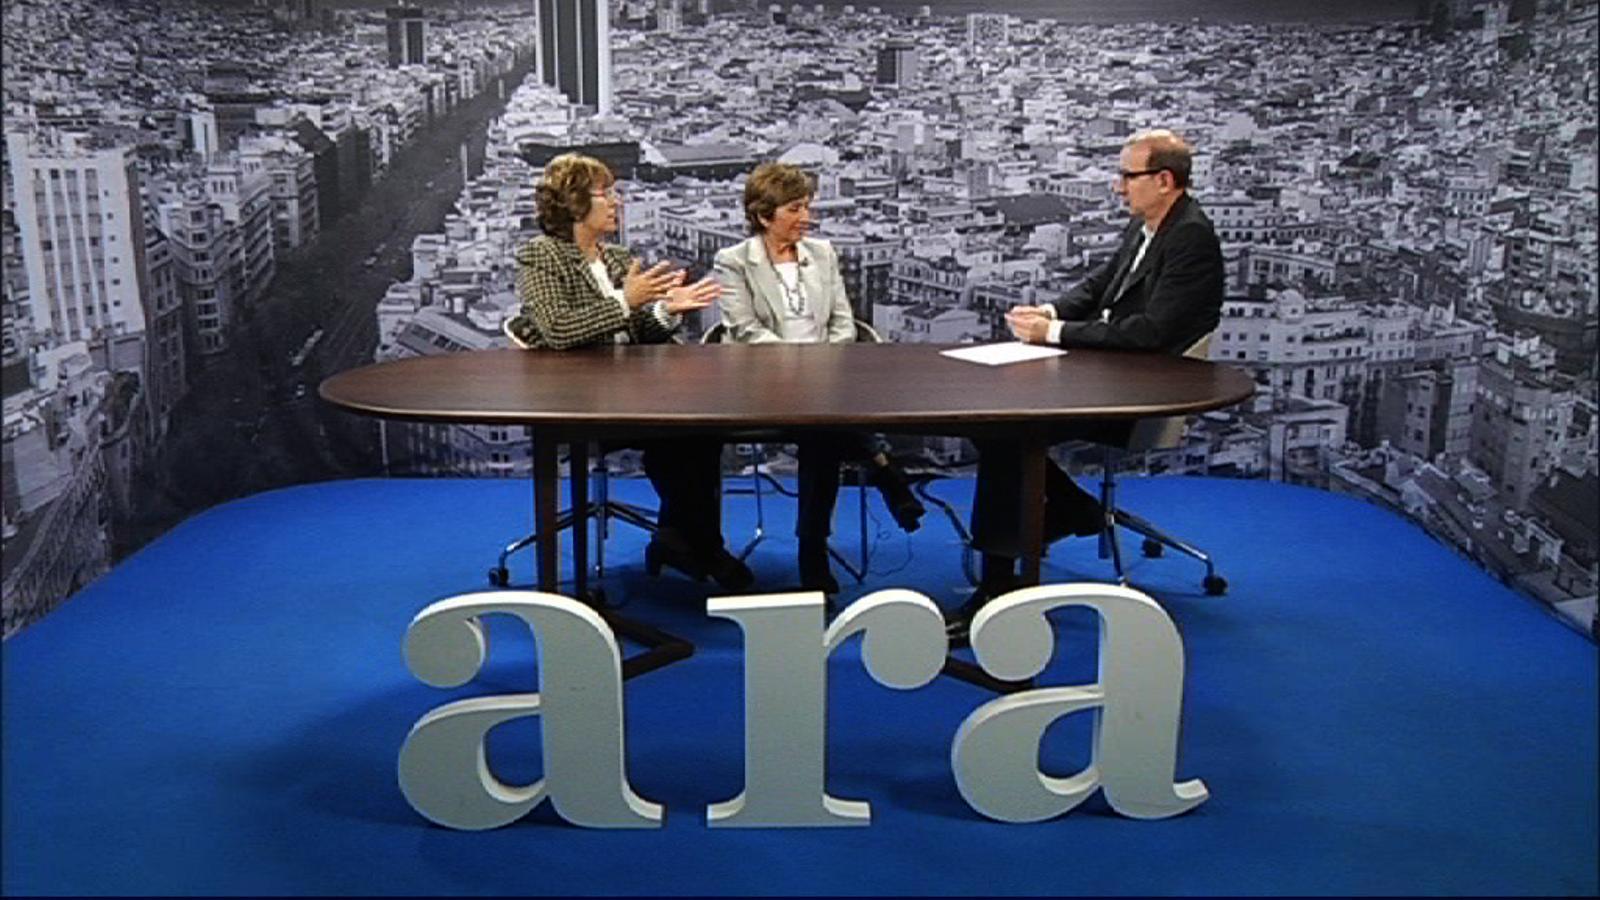 Entrevista d'Antoni Bassas a les germanes Amat, empresàries del sector immobiliari